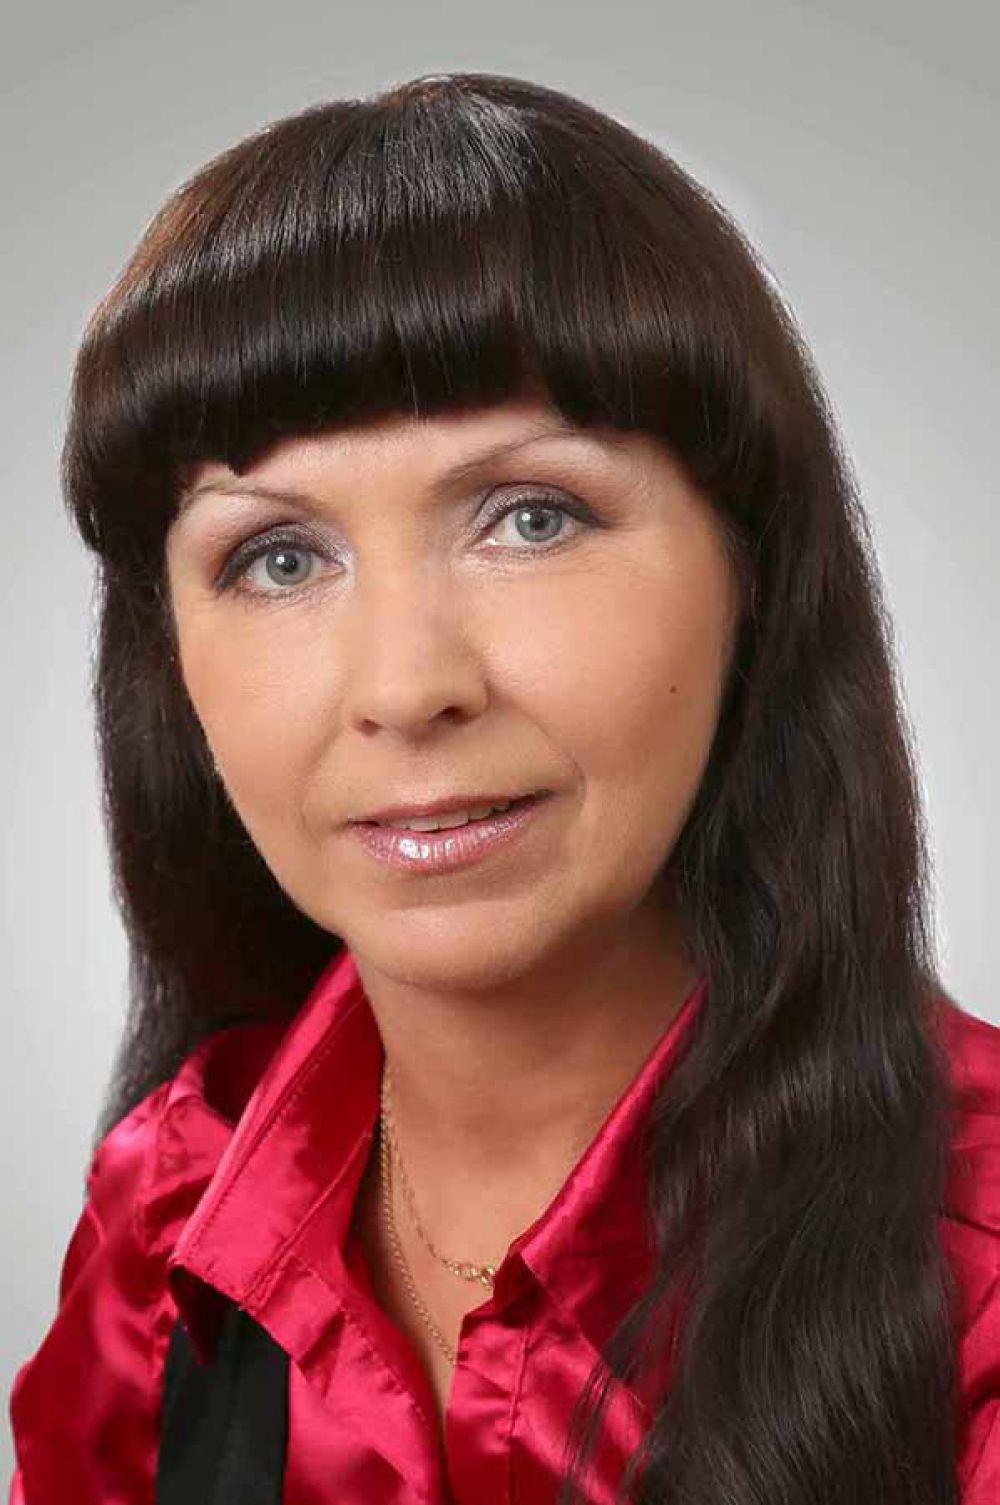 Ирина Богомолова. Работает в Кировской областной клинической психиатрической больнице им.Бехтерева.